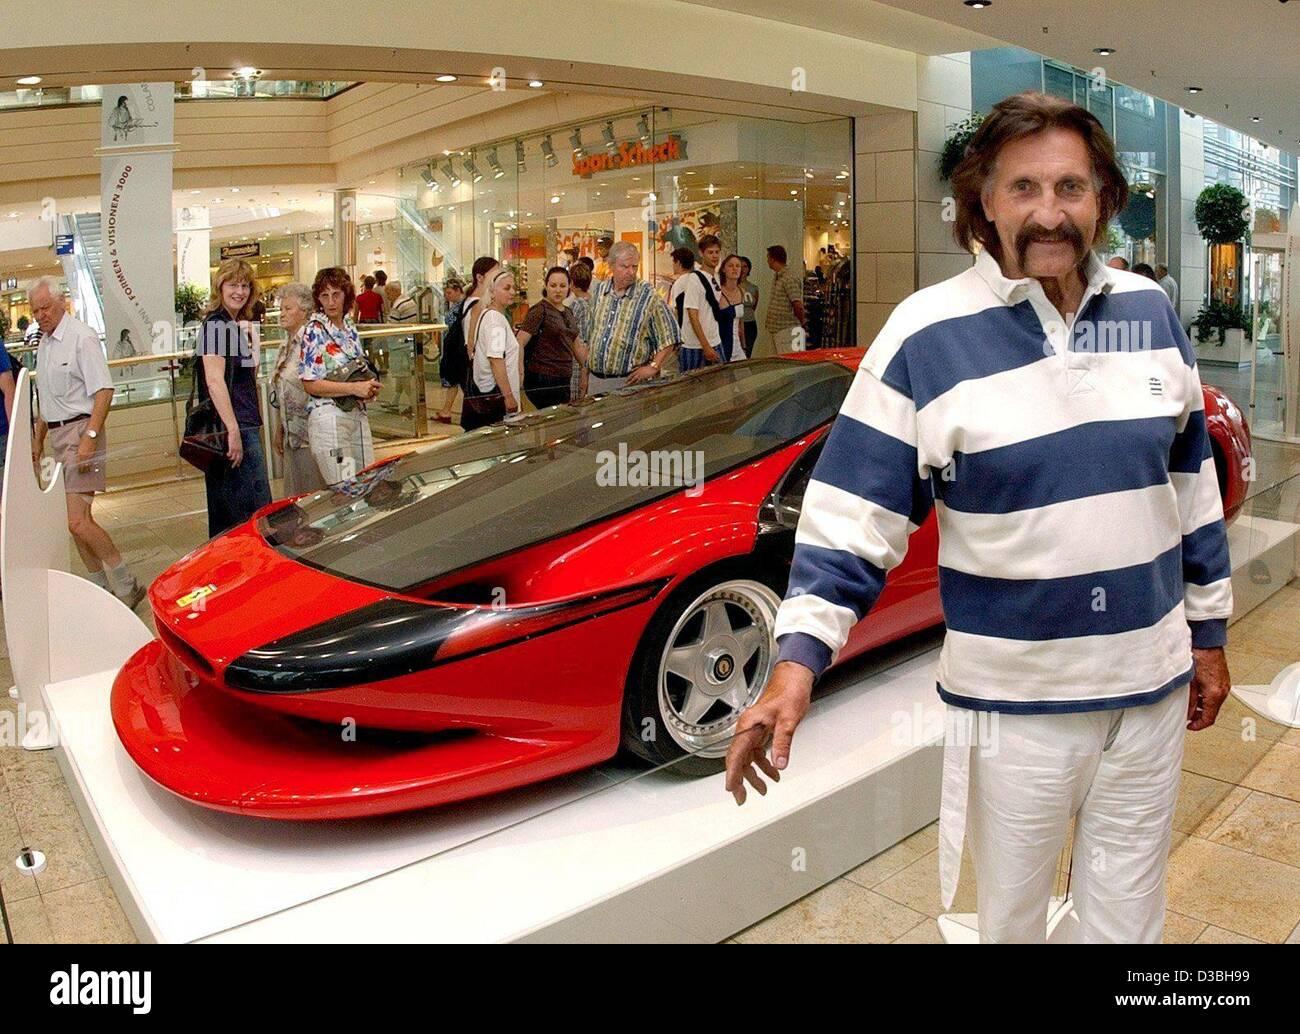 Dpa Designer Luigi Colani Poses In Front Of His Ferrari Design Stock Photo Alamy